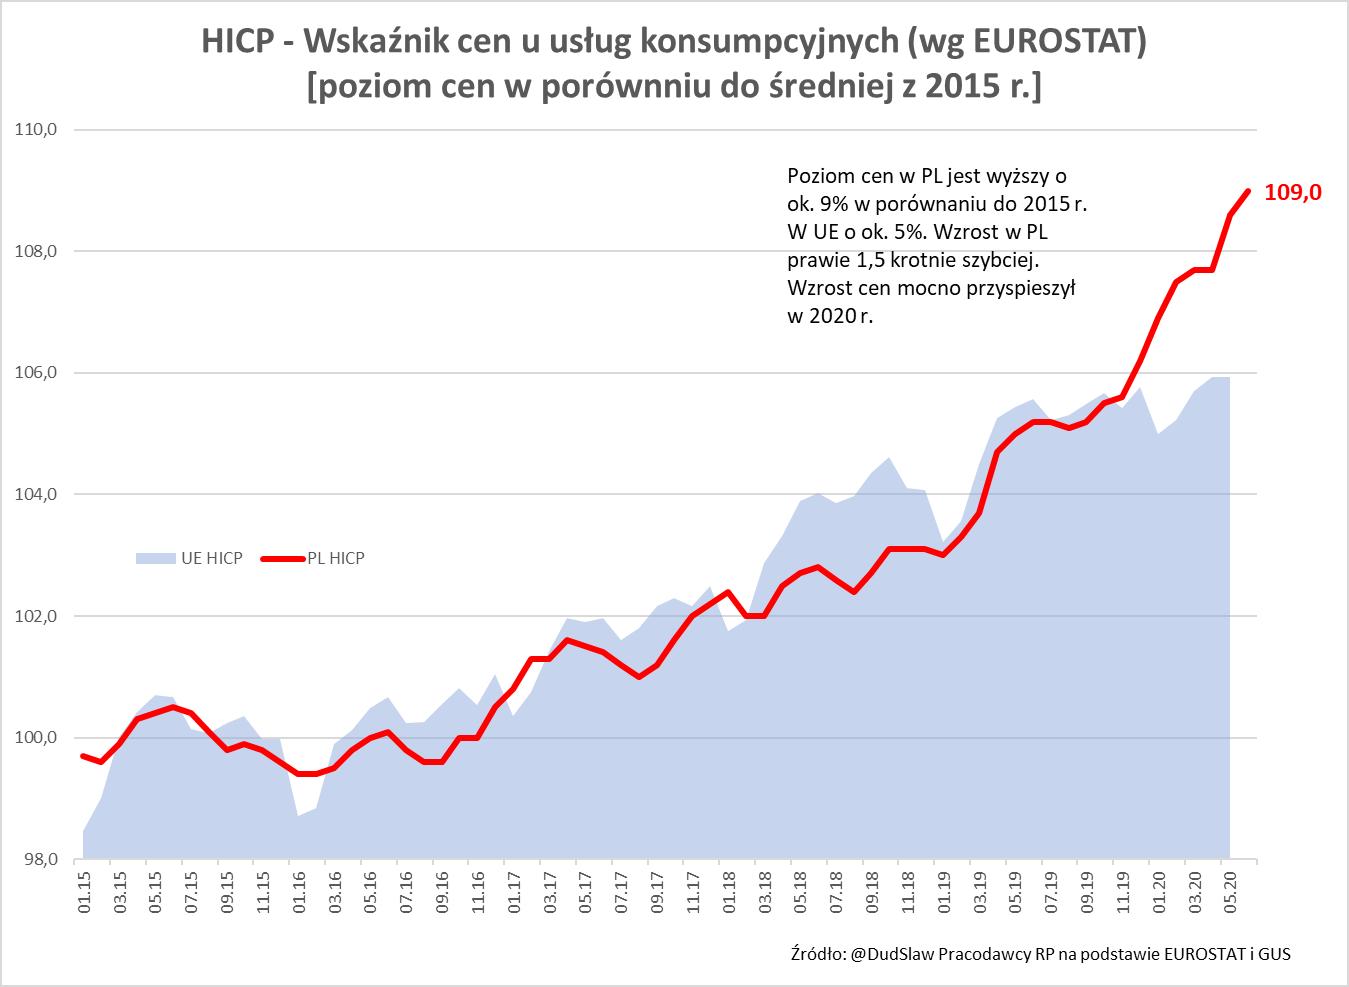 Czynniki podażowe i strukturalne pchają inflację do wzrostu – po kryzysie może ona mocno przyspieszyć